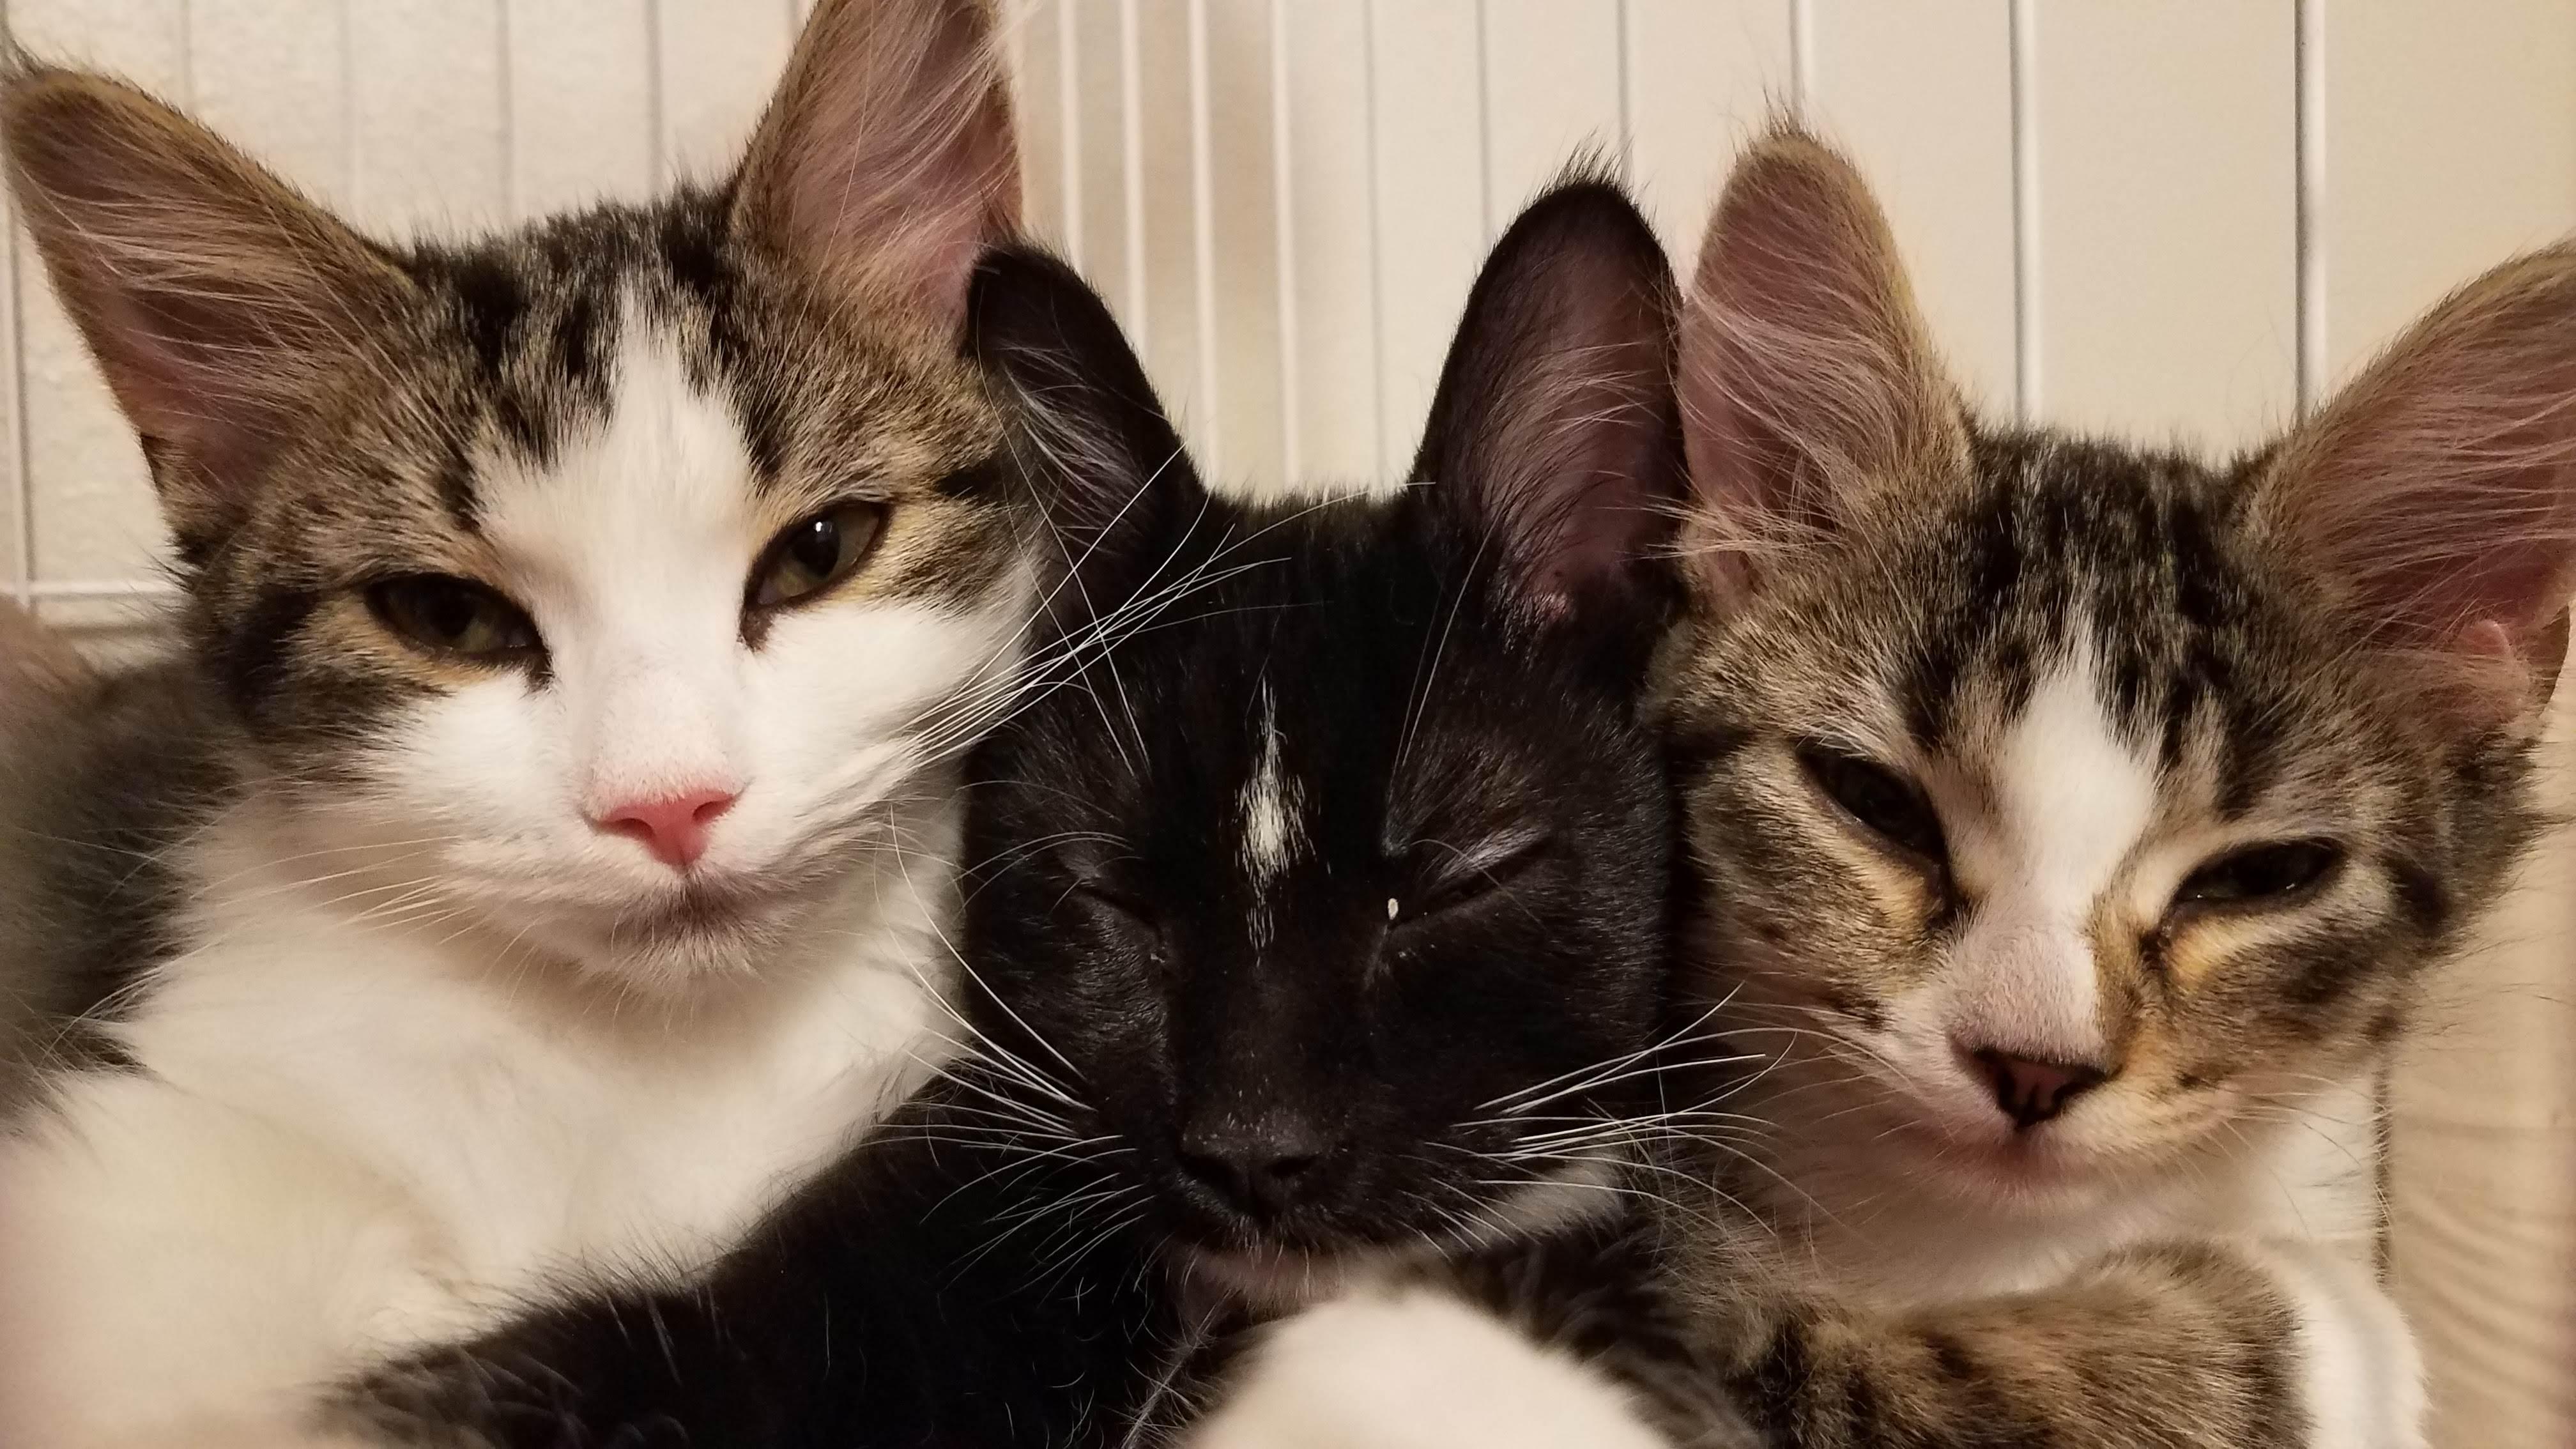 Kittens 3